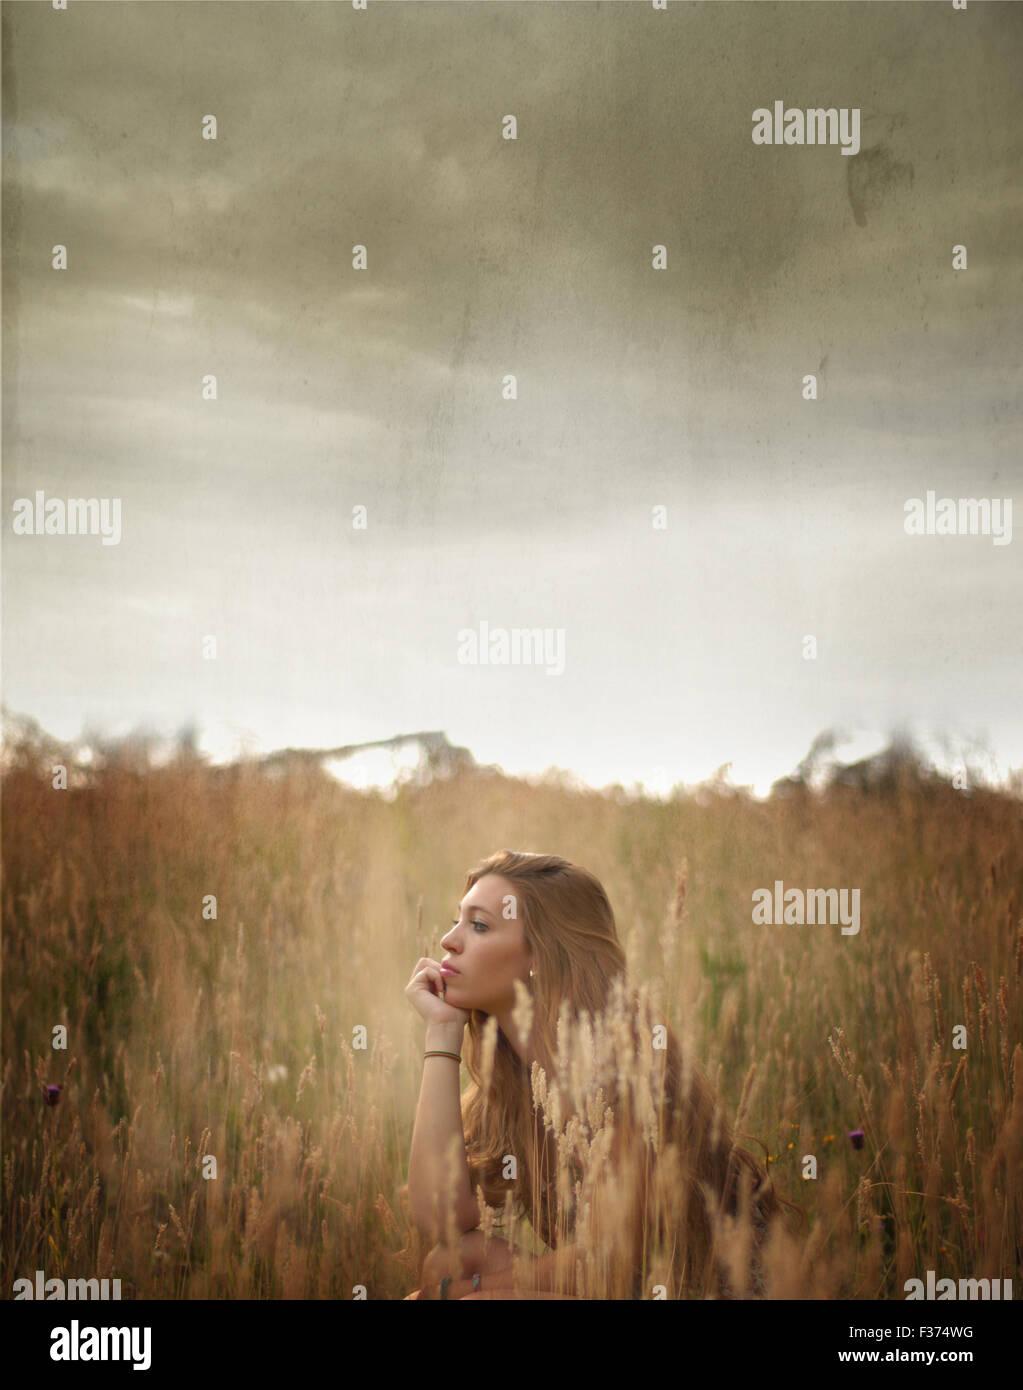 Rapariga sentada entre campos com um céu tempestuoso Imagens de Stock